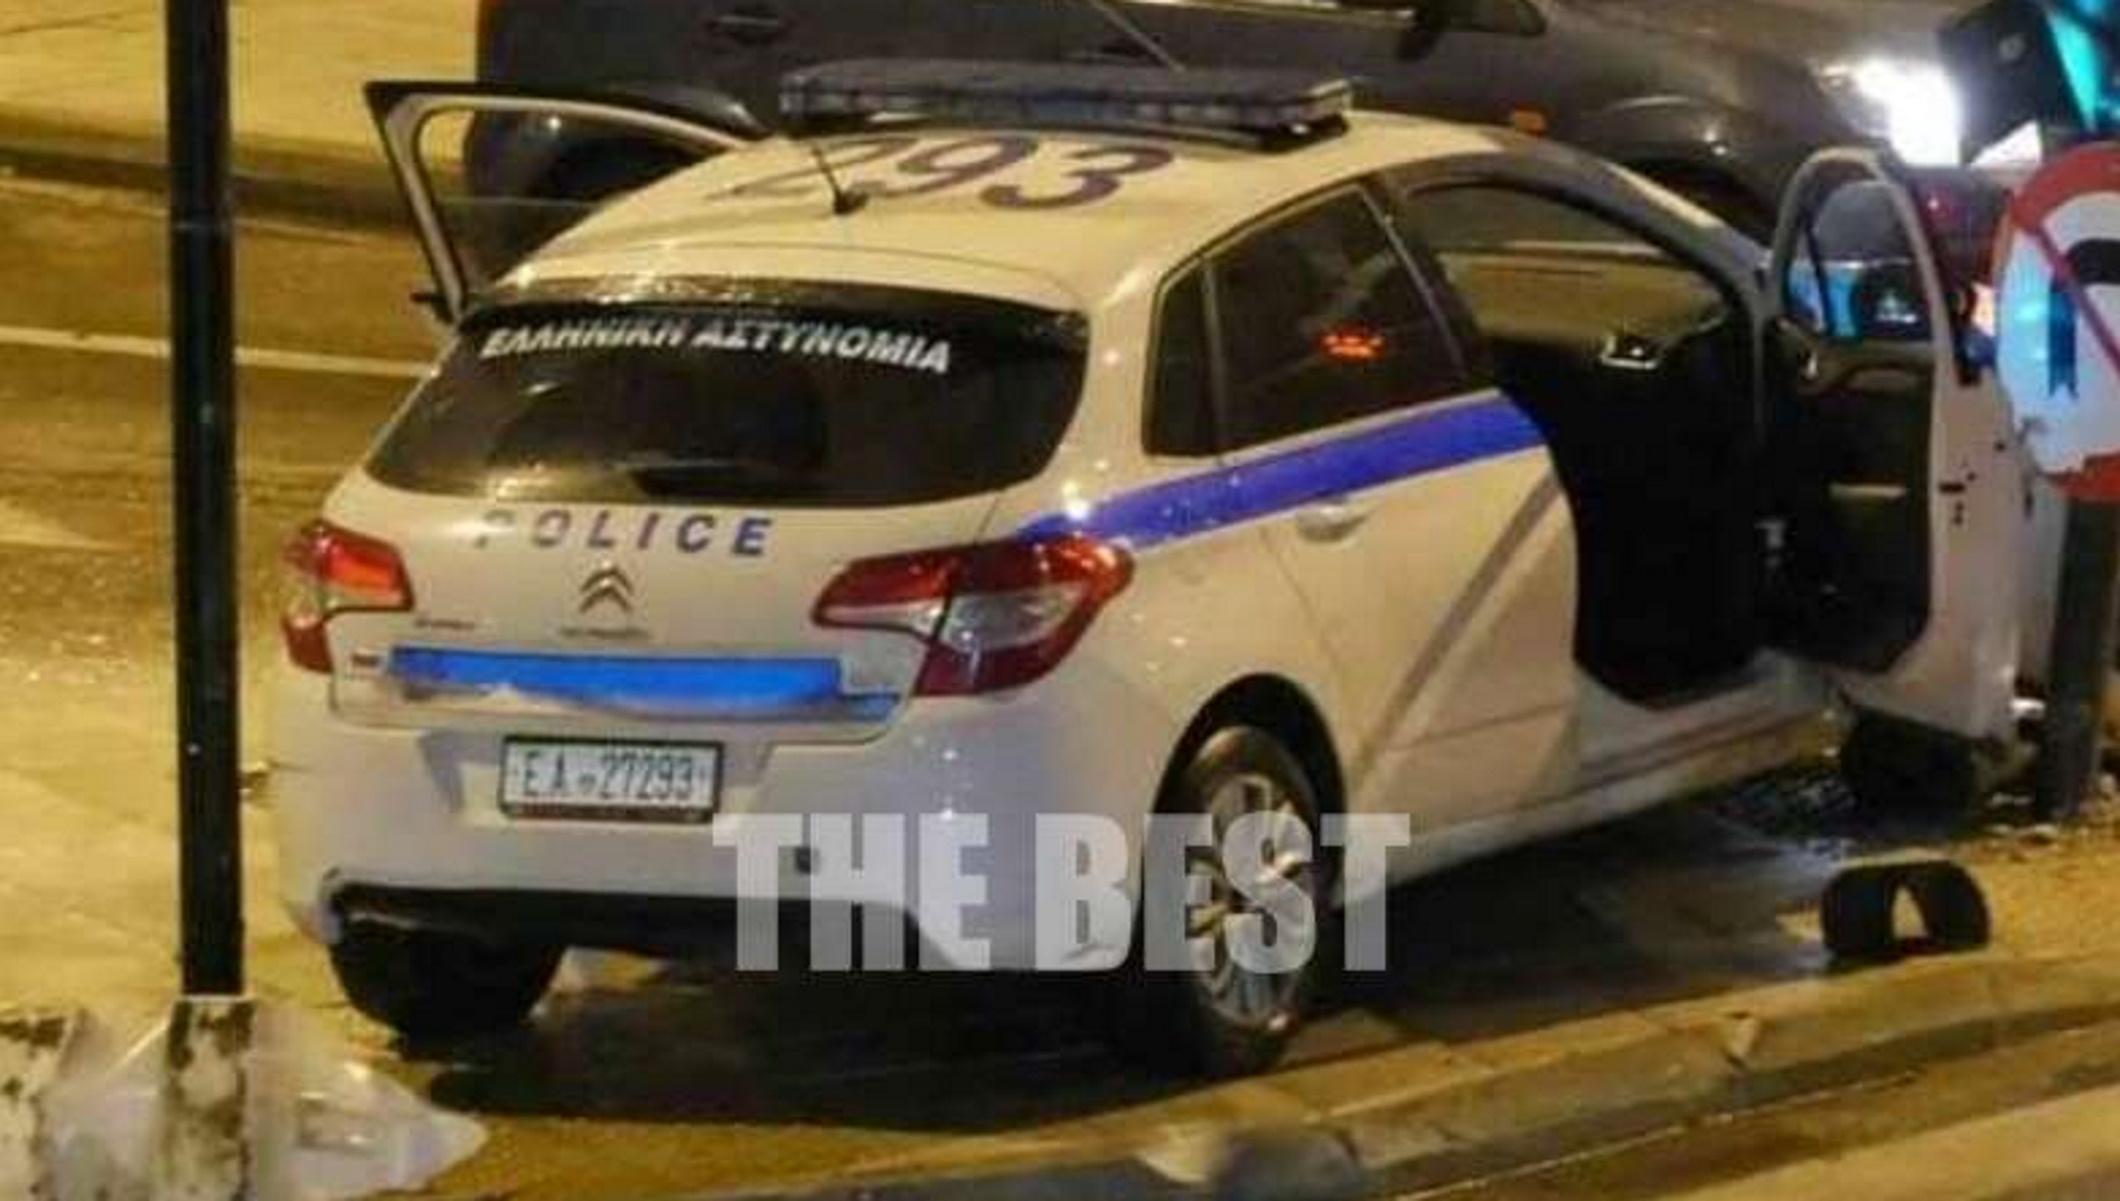 Πάτρα: Περιπολικό που πήγαινε σε κλοπή «στούκαρε» σε φανάρι (pic)